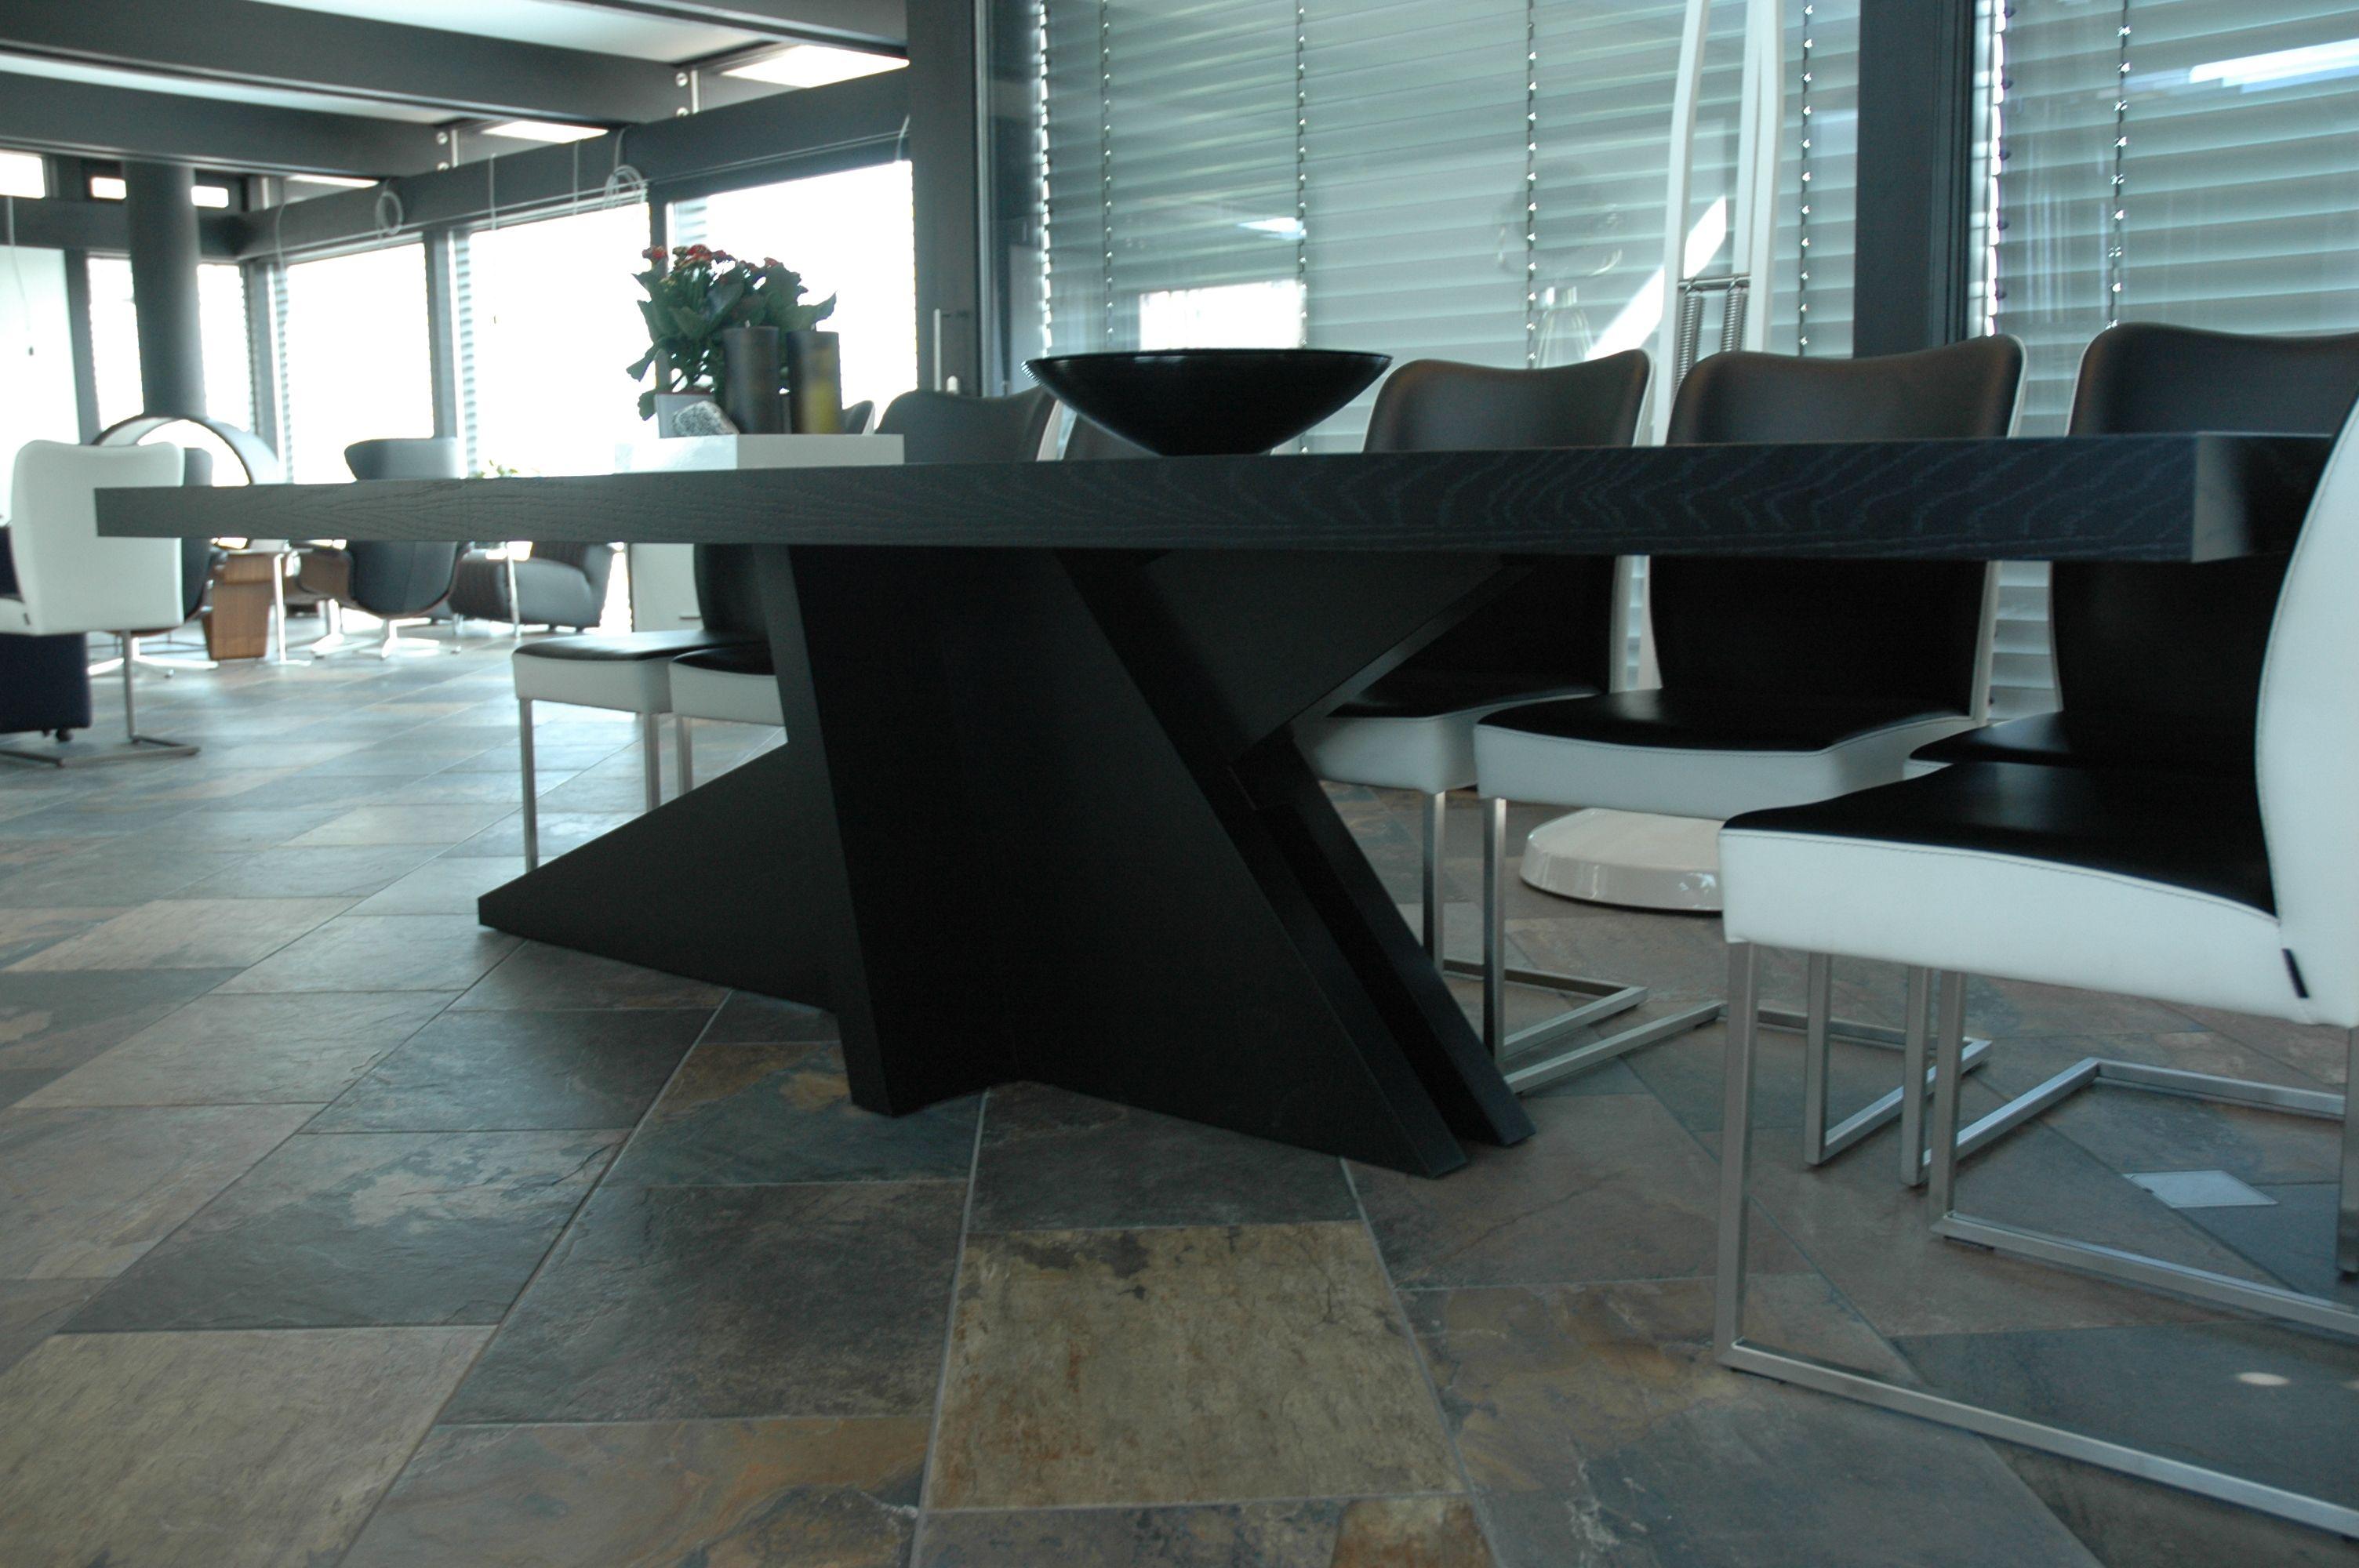 10x Vierkante Eettafel : Eiken eettafel in dekkend zwart gespoten eettafel eettafel